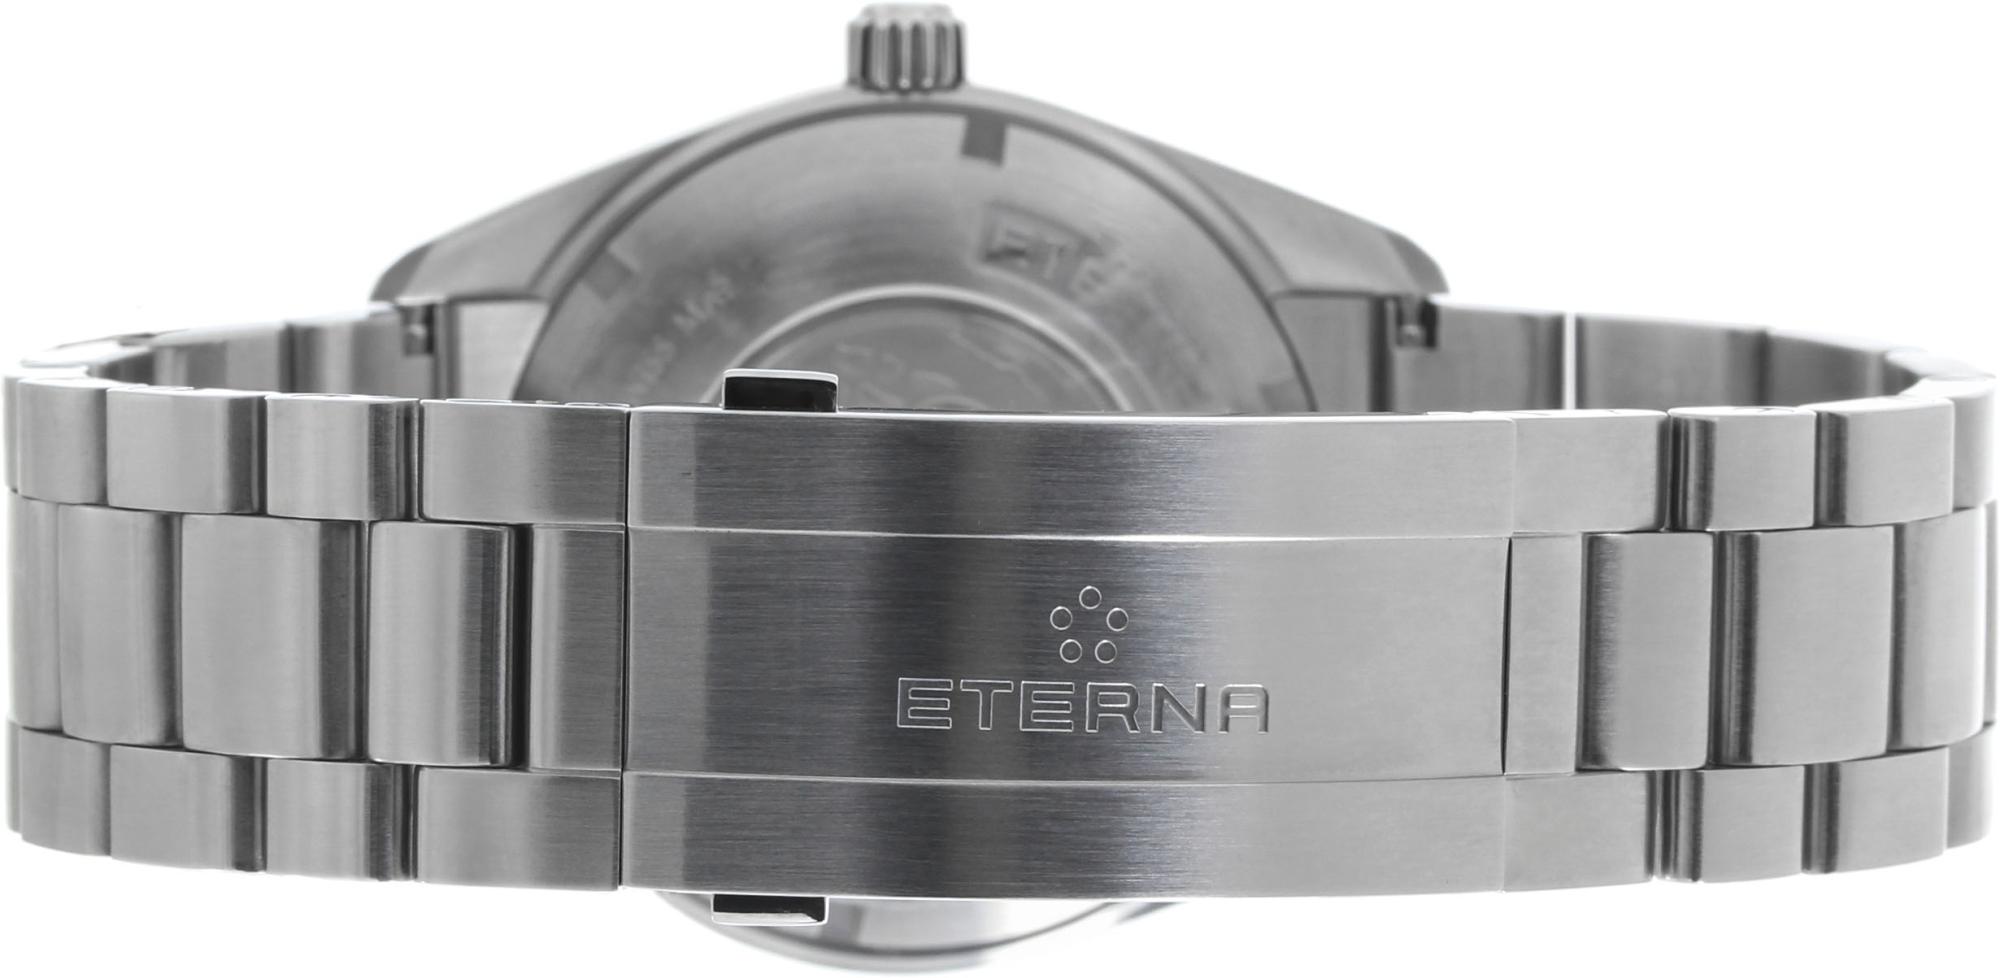 Eterna Kontiki Date 1222.41.41.0217Наручные часы<br>Швейцарские часы Eterna Kontiki Date 1222.41.41.0217<br><br>Пол: Мужские<br>Страна-производитель: Швейцария<br>Механизм: Механический<br>Материал корпуса: Сталь<br>Материал ремня/браслета: Сталь<br>Водозащита, диапазон: 200 - 800 м<br>Стекло: Сапфировое<br>Толщина корпуса: 12 мм<br>Стиль: Классика